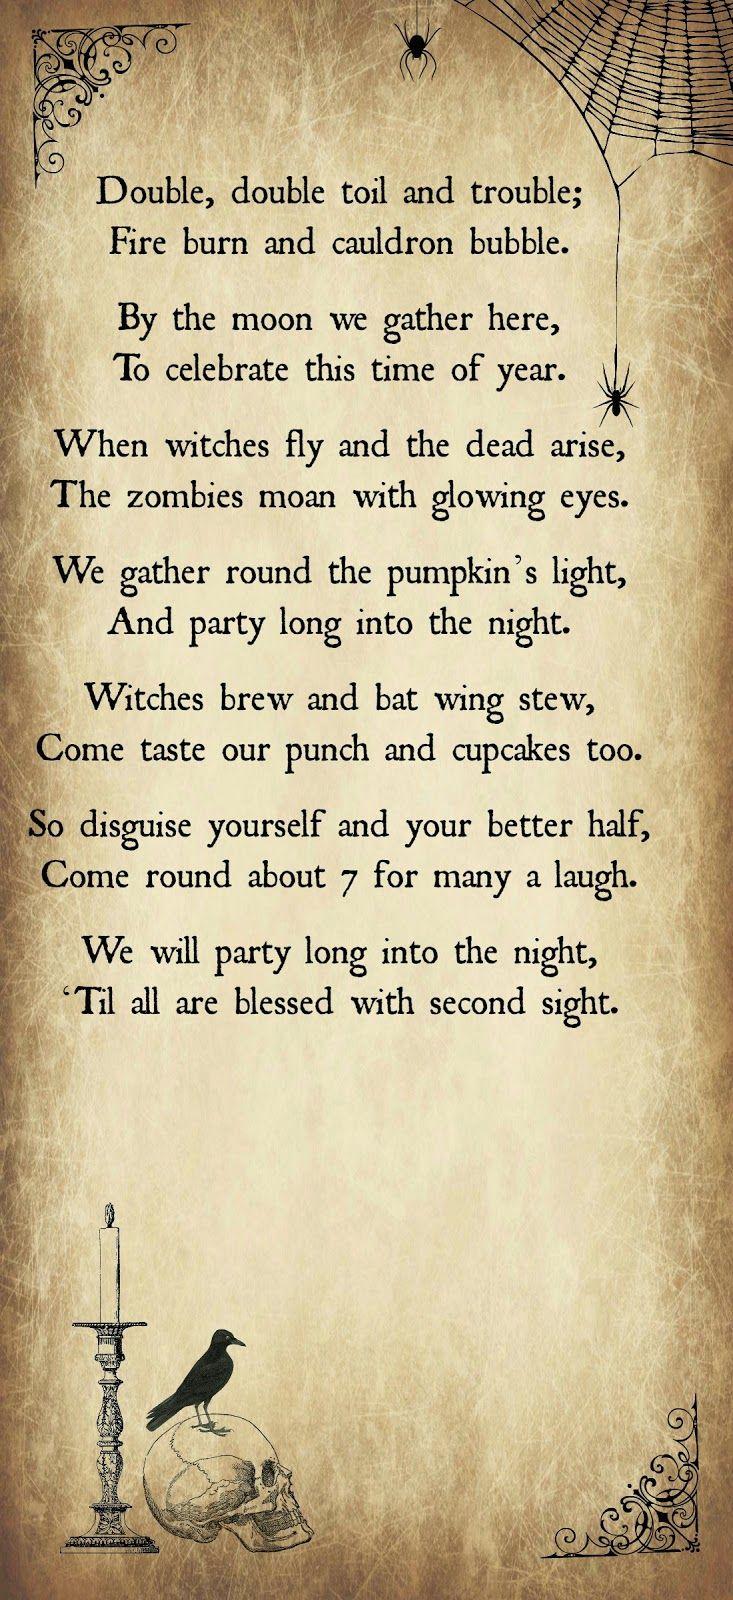 Uncategorized Halloween Poems best 25 halloween poems ideas on pinterest songs preschool kids and songs